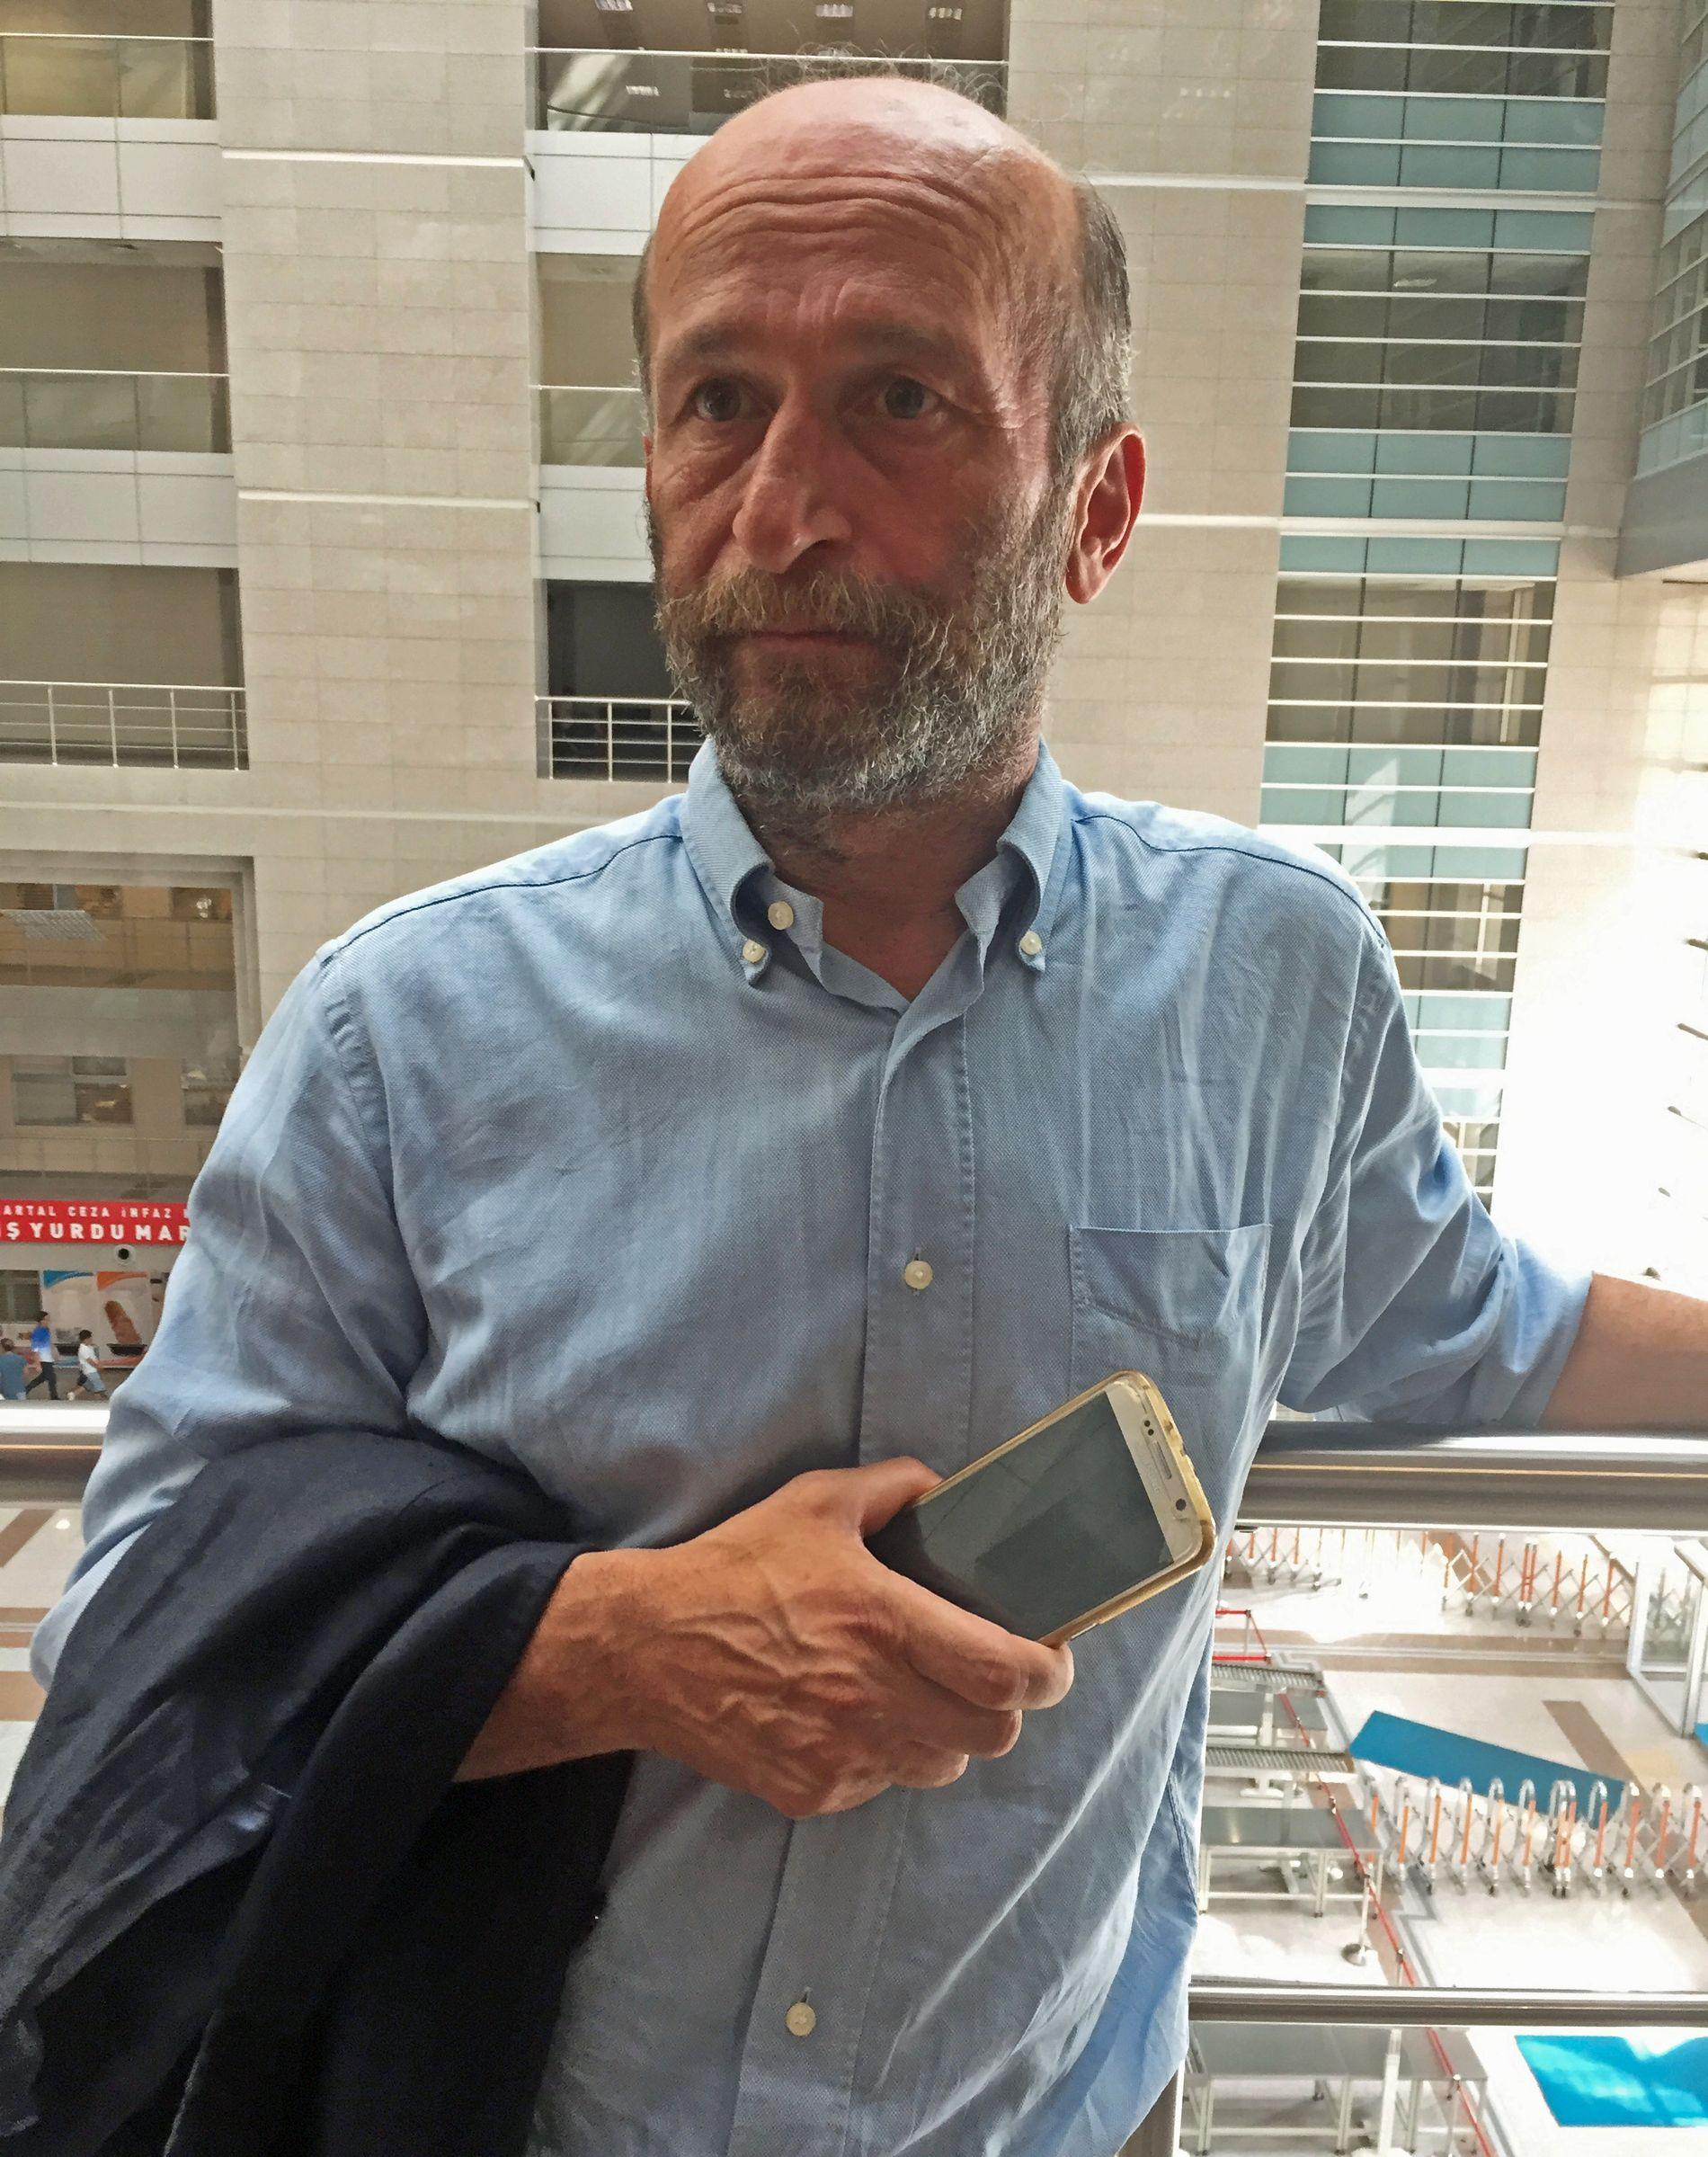 BEKYMRET: Journalist Erdem Gul utenfor rettslokalet i Istanbul.